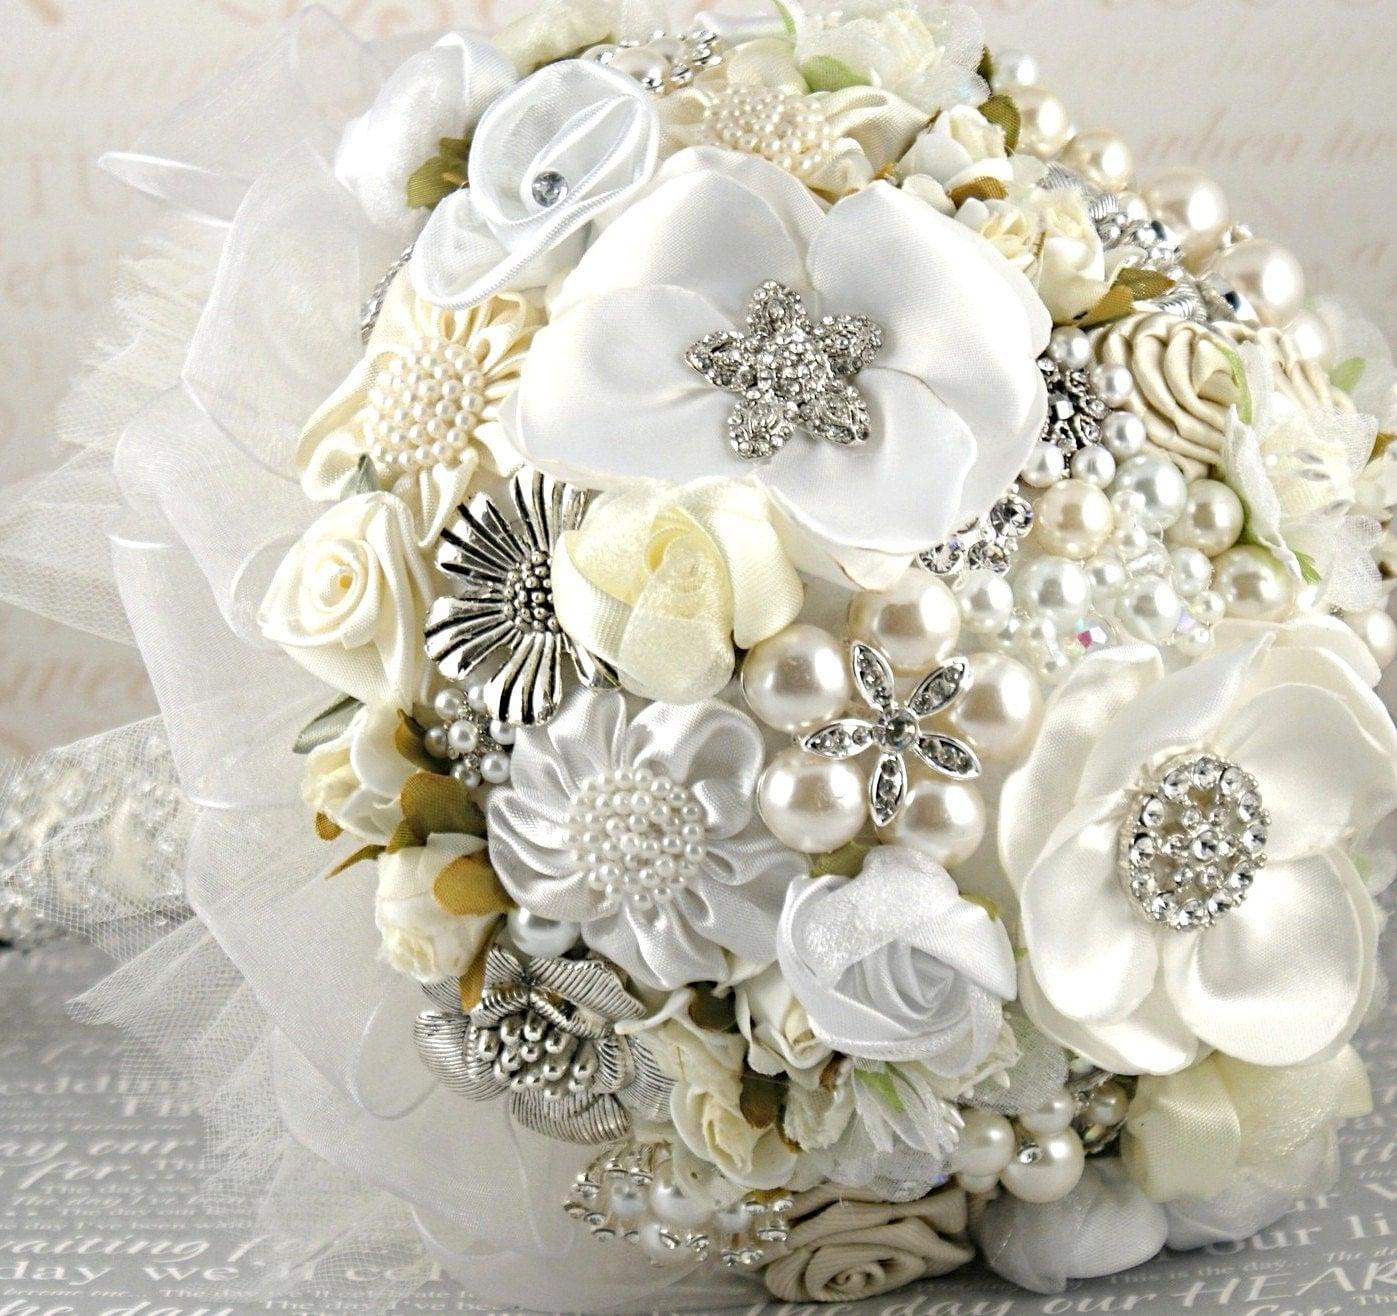 Брошь букет свадебный букет Свадебный букет ретро-вдохновили в белый, кремовый, слоновой кости и серебра Келли